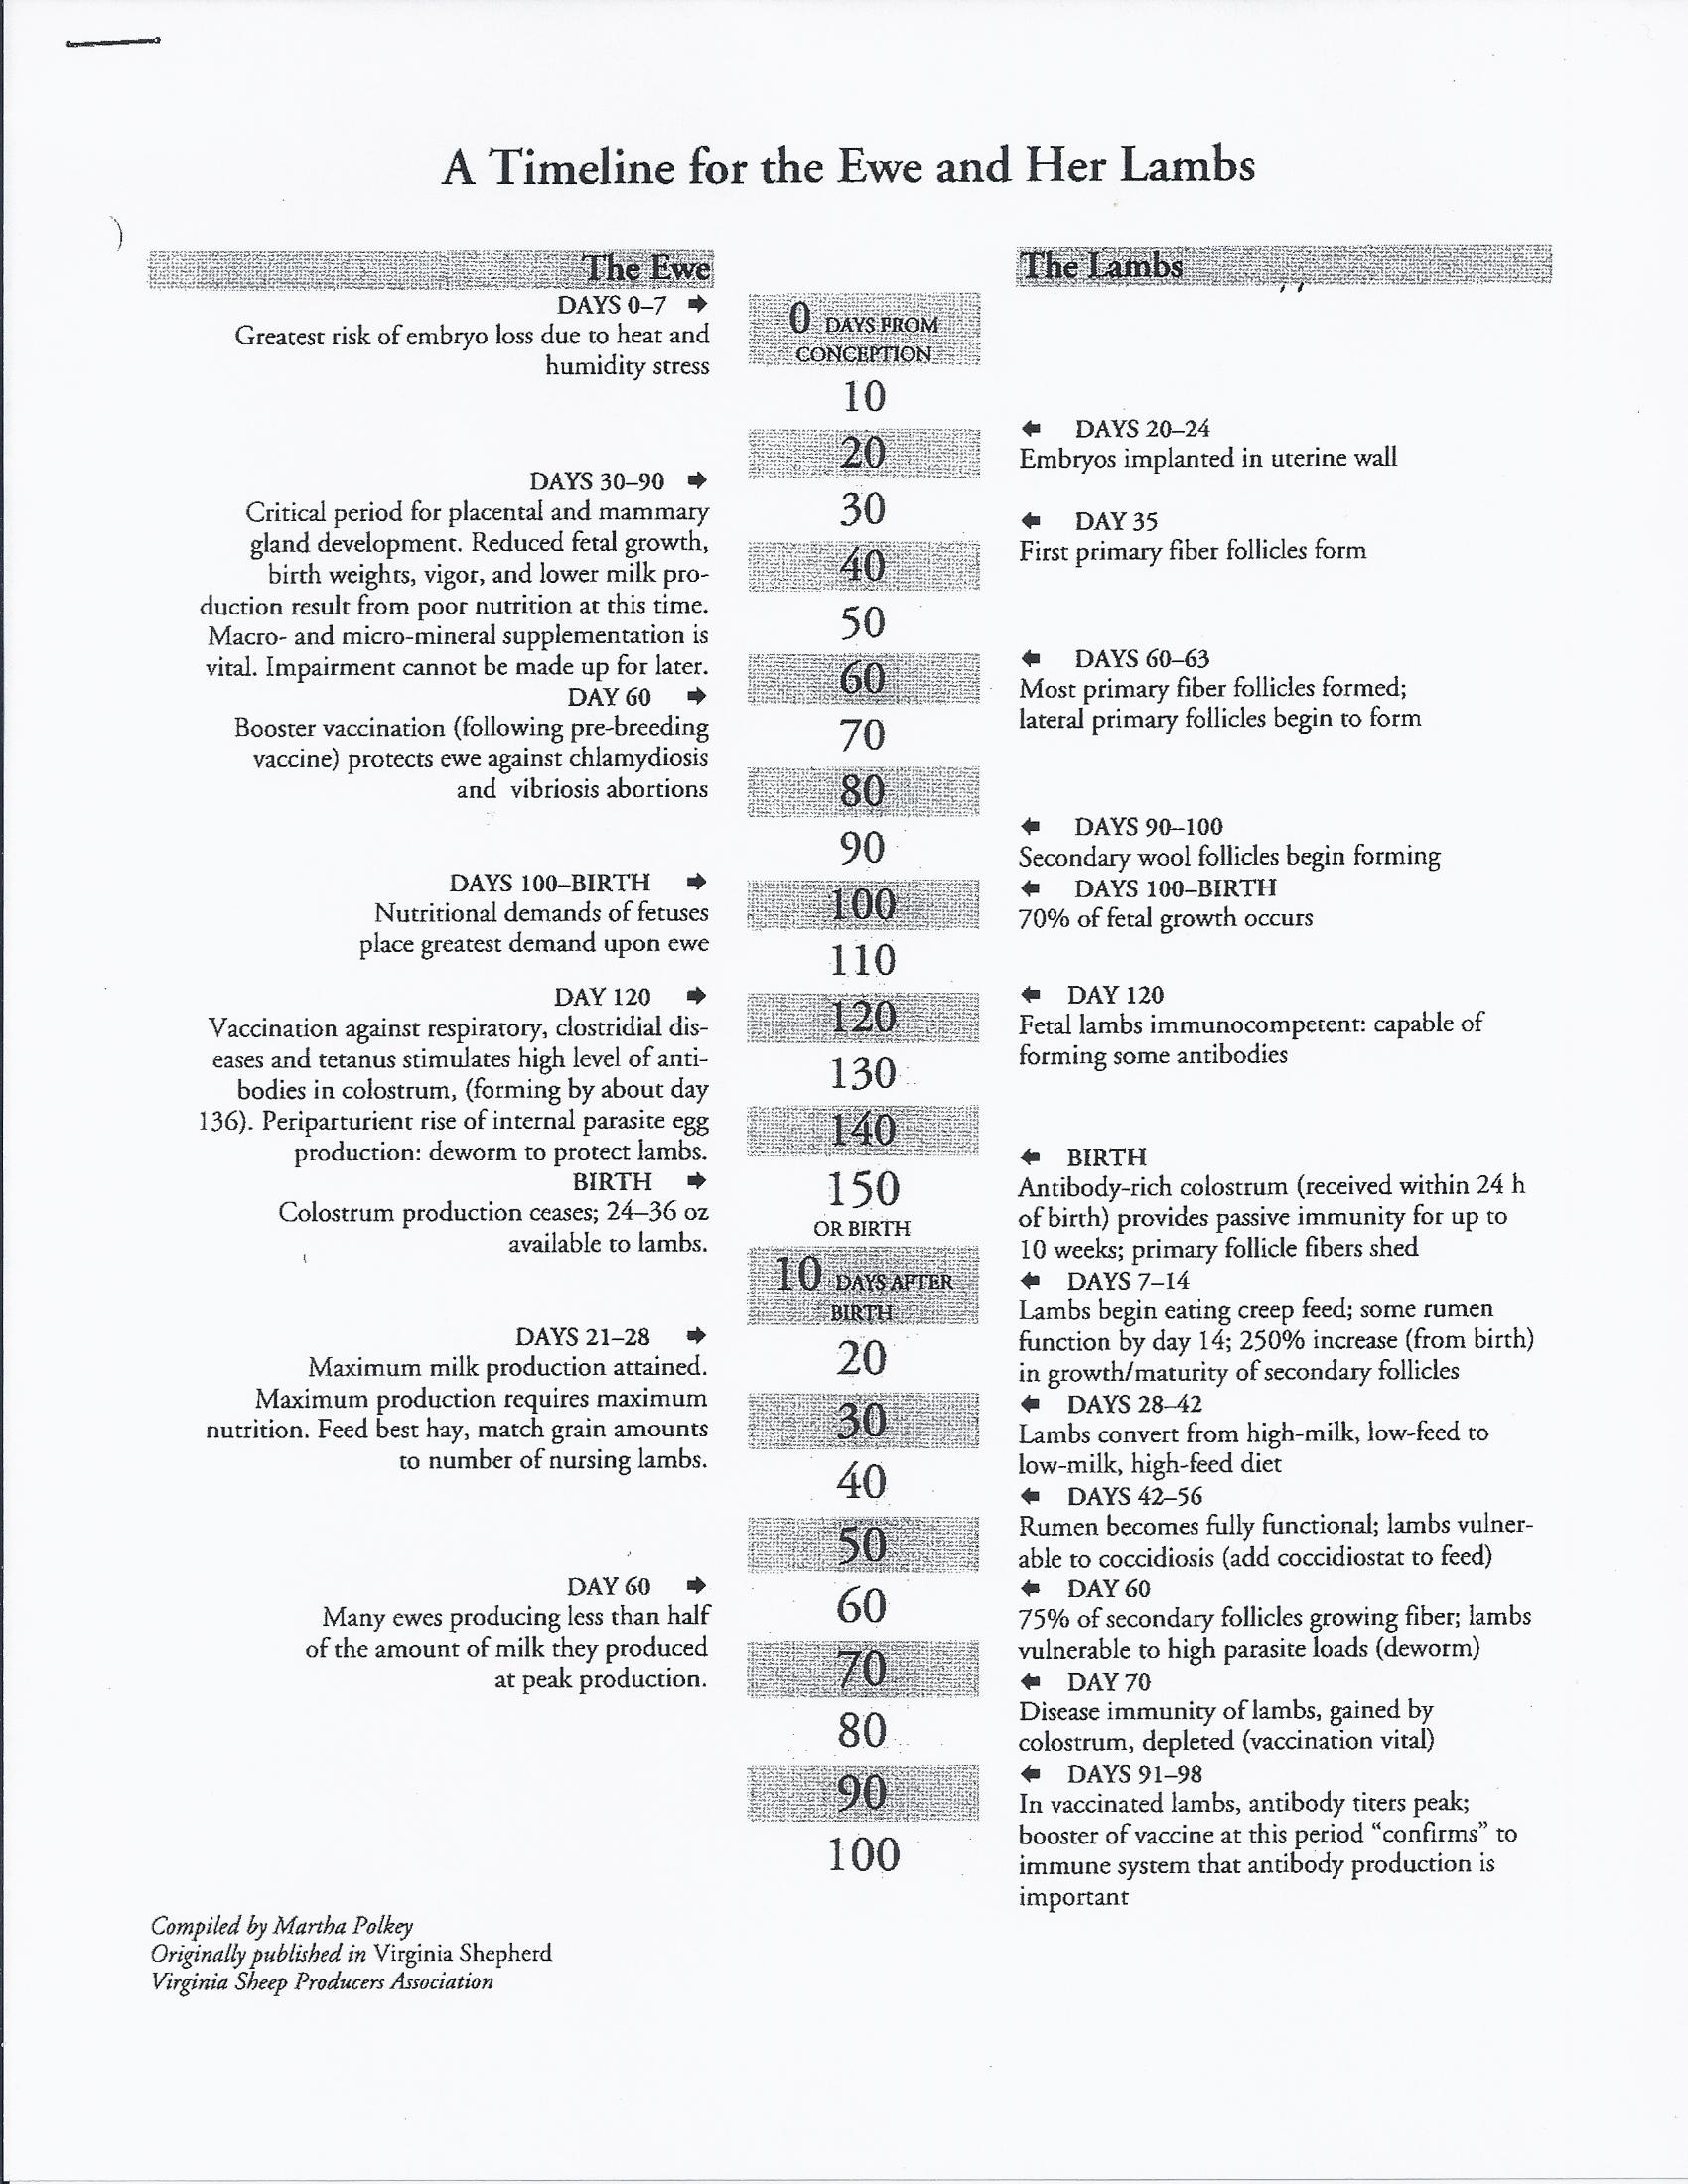 timeline of fetal developement